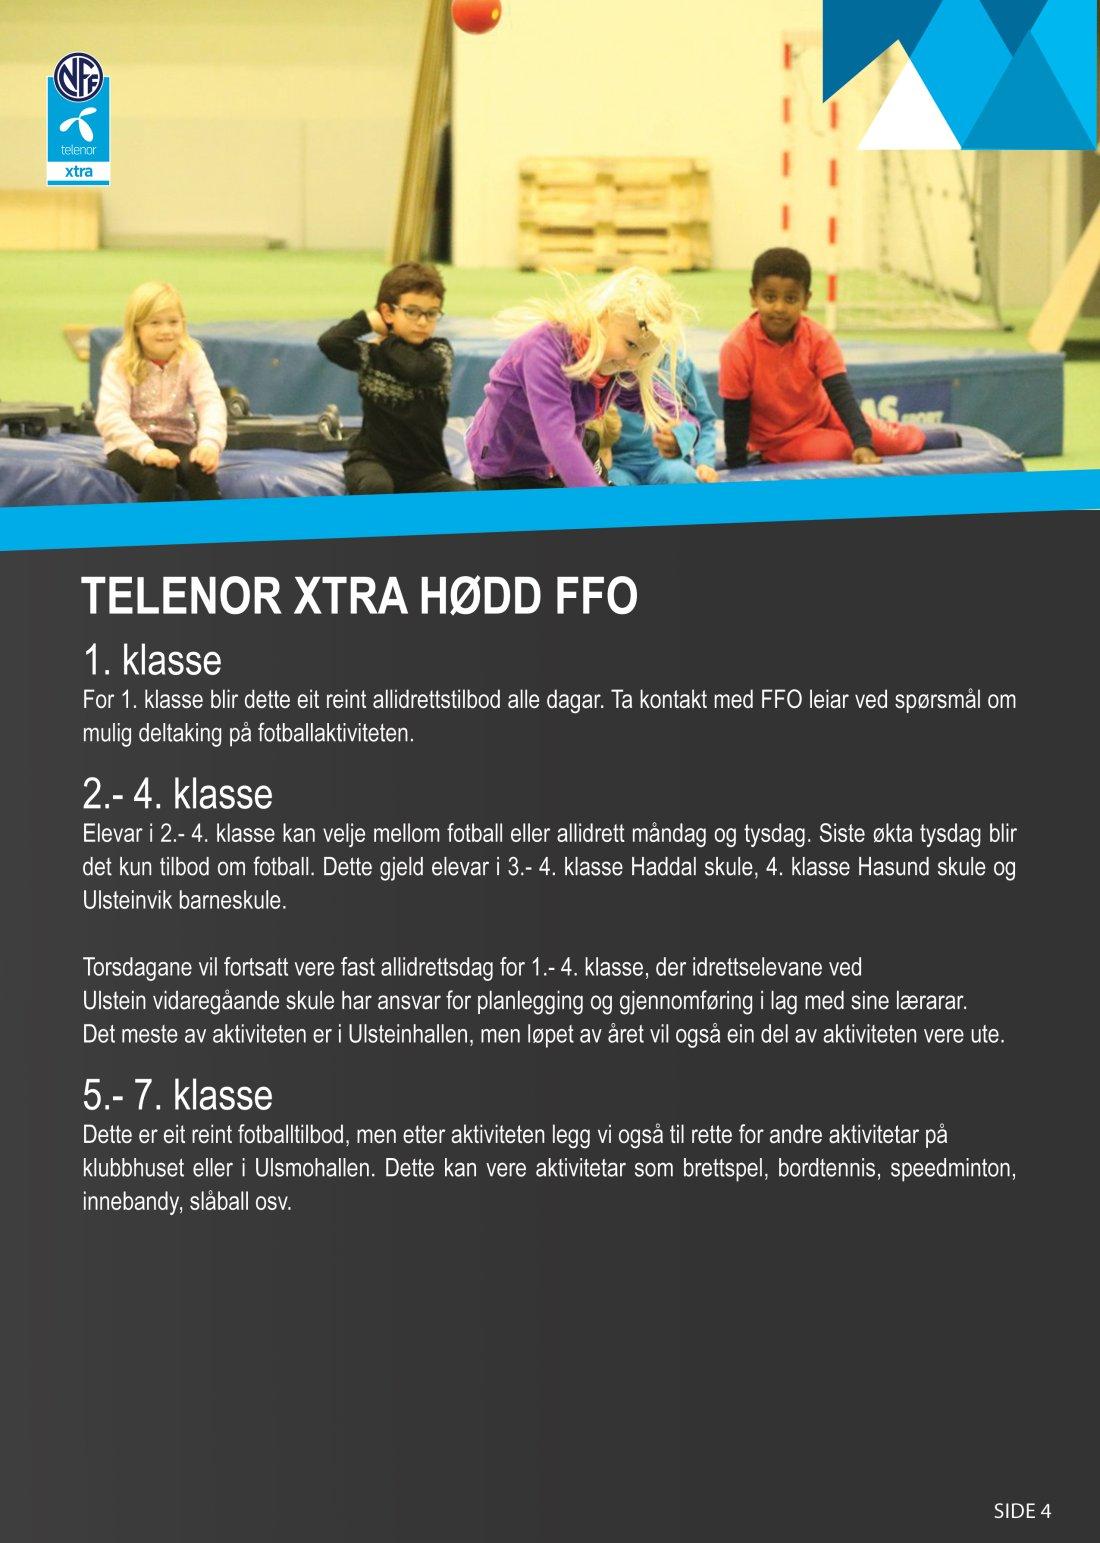 Telenor_Xtra_Hødd_SIDE4